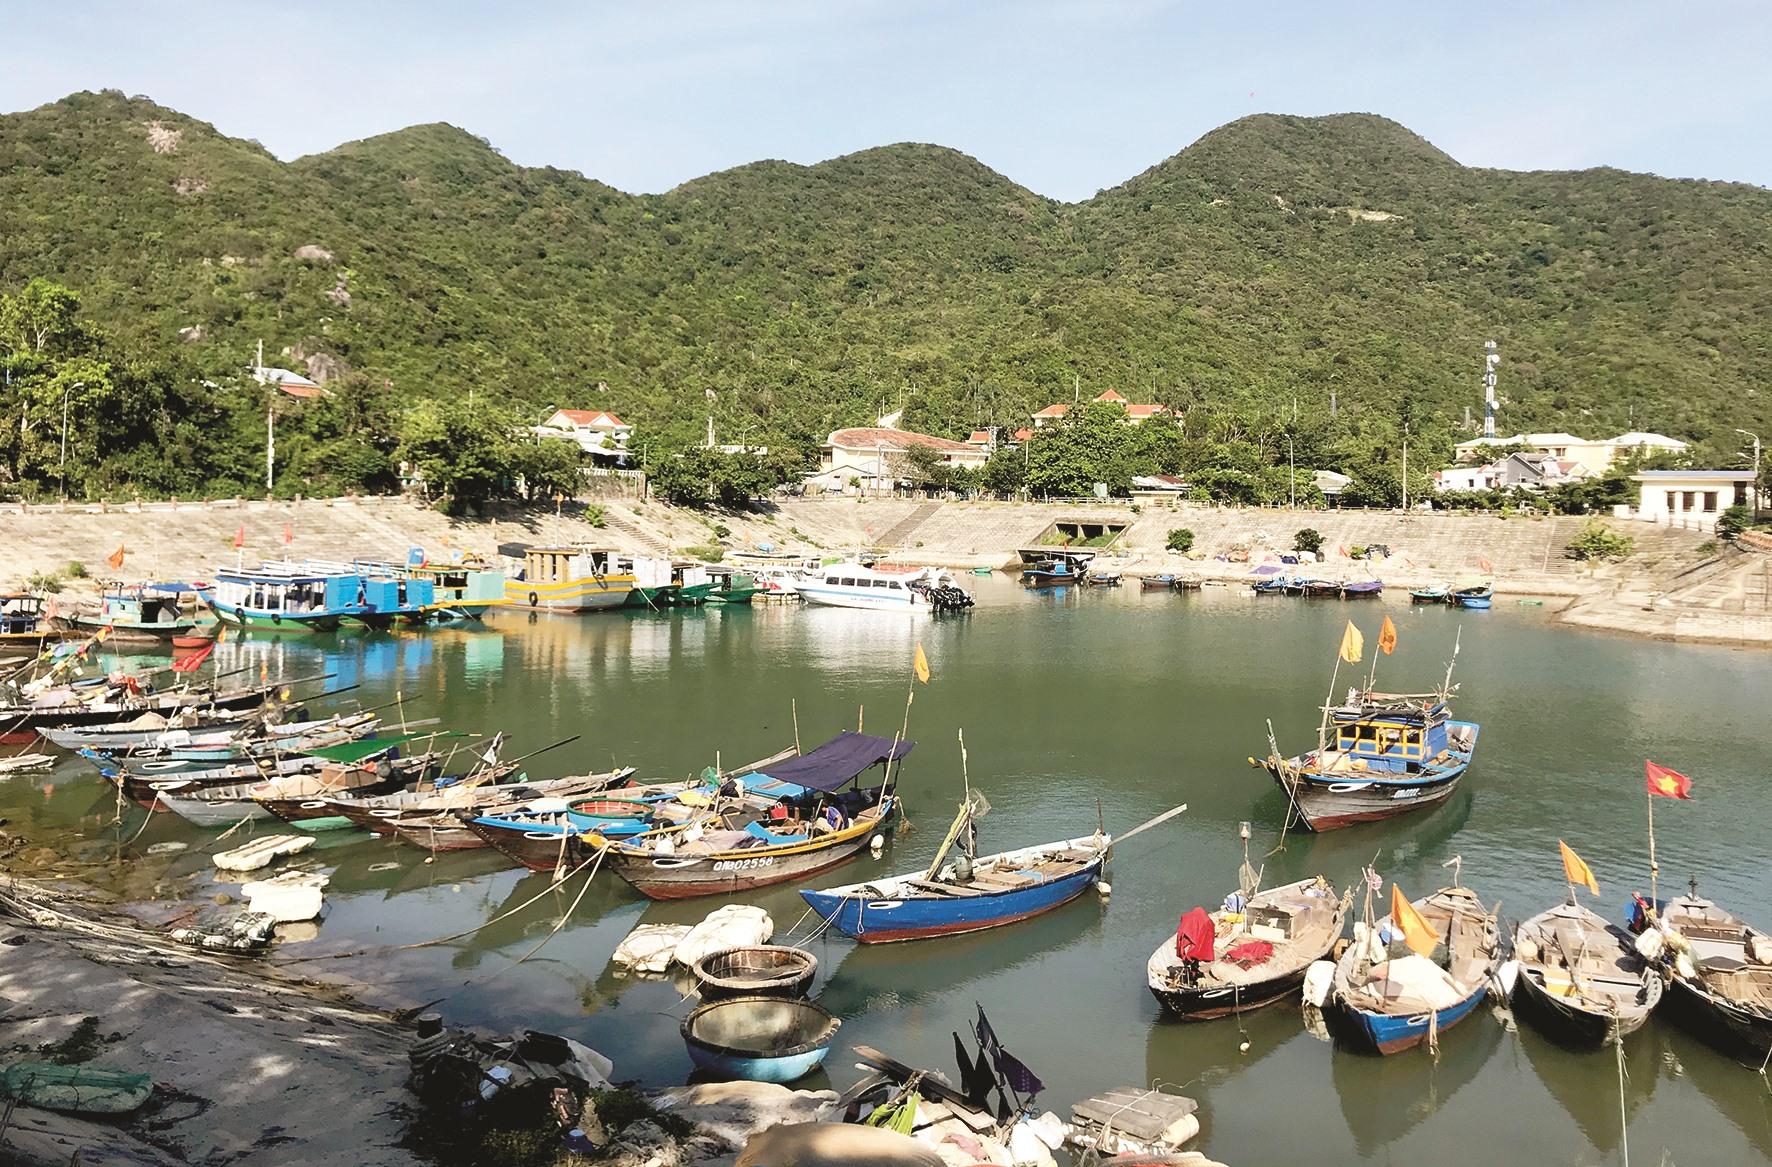 Những chiếc thuyền ở Cù Lao Chàm tuy nhỏ nhưng chạy câu cá ngừ rất hiệu quả.